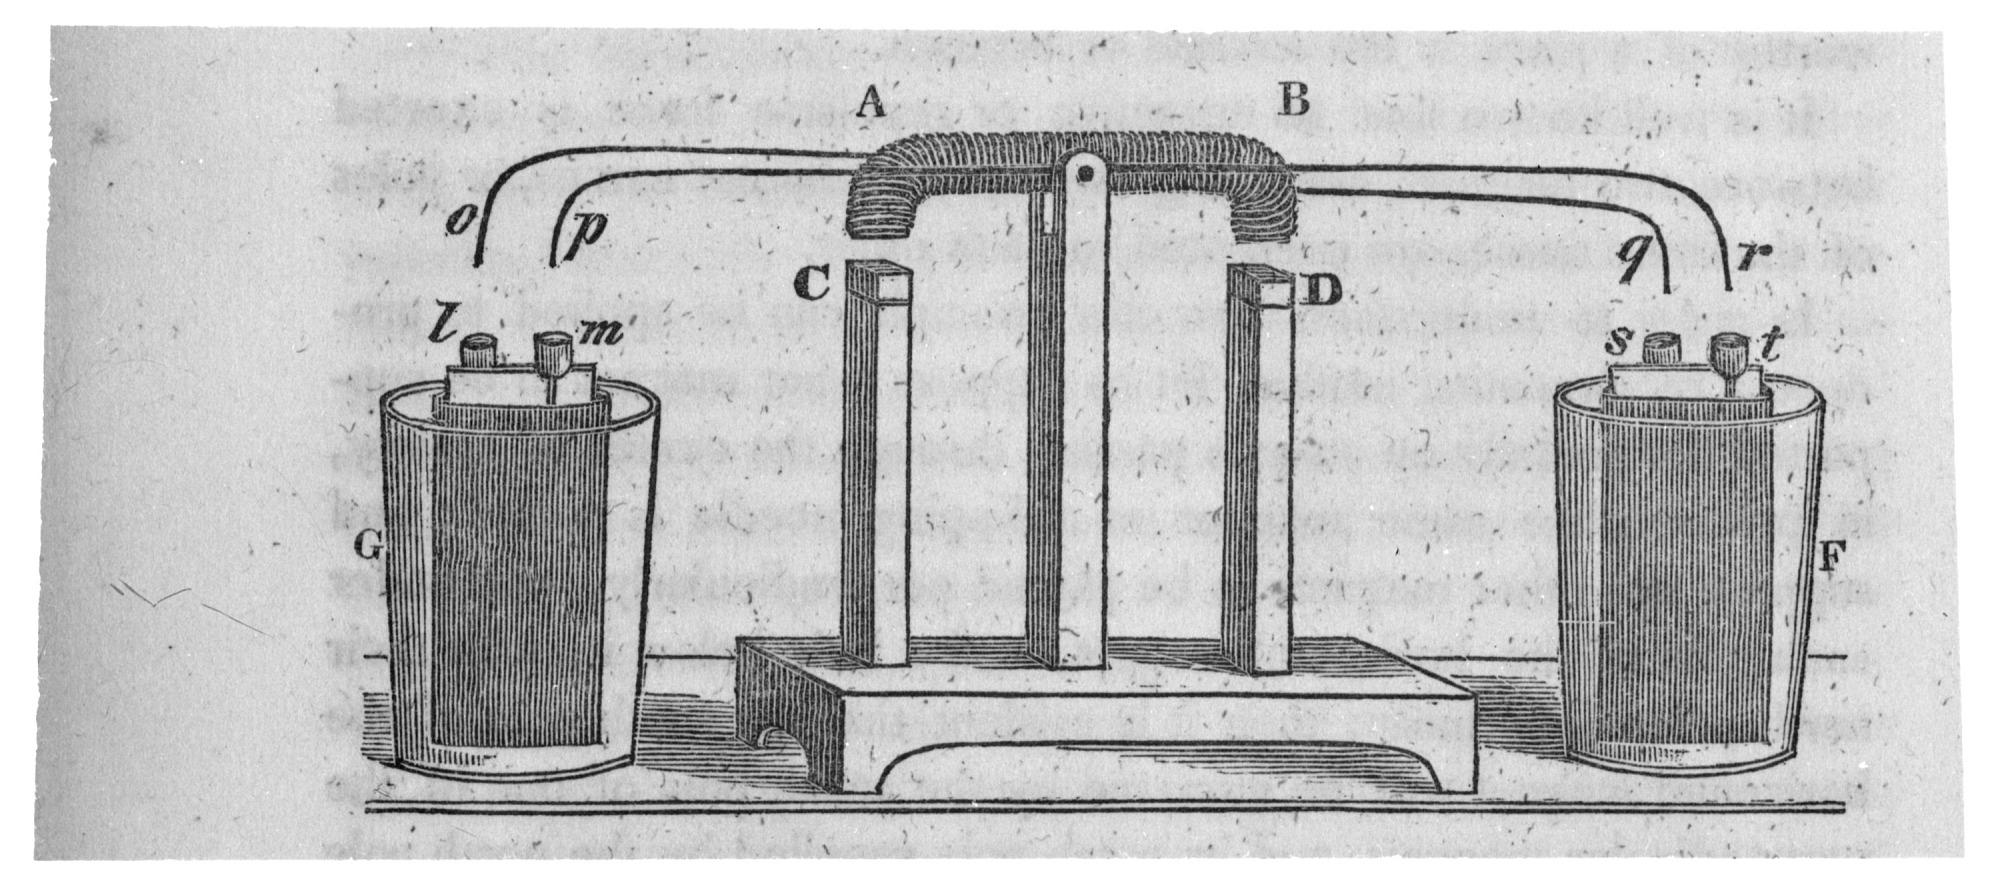 Joseph Henry's Oscillating Electromagnet Motor